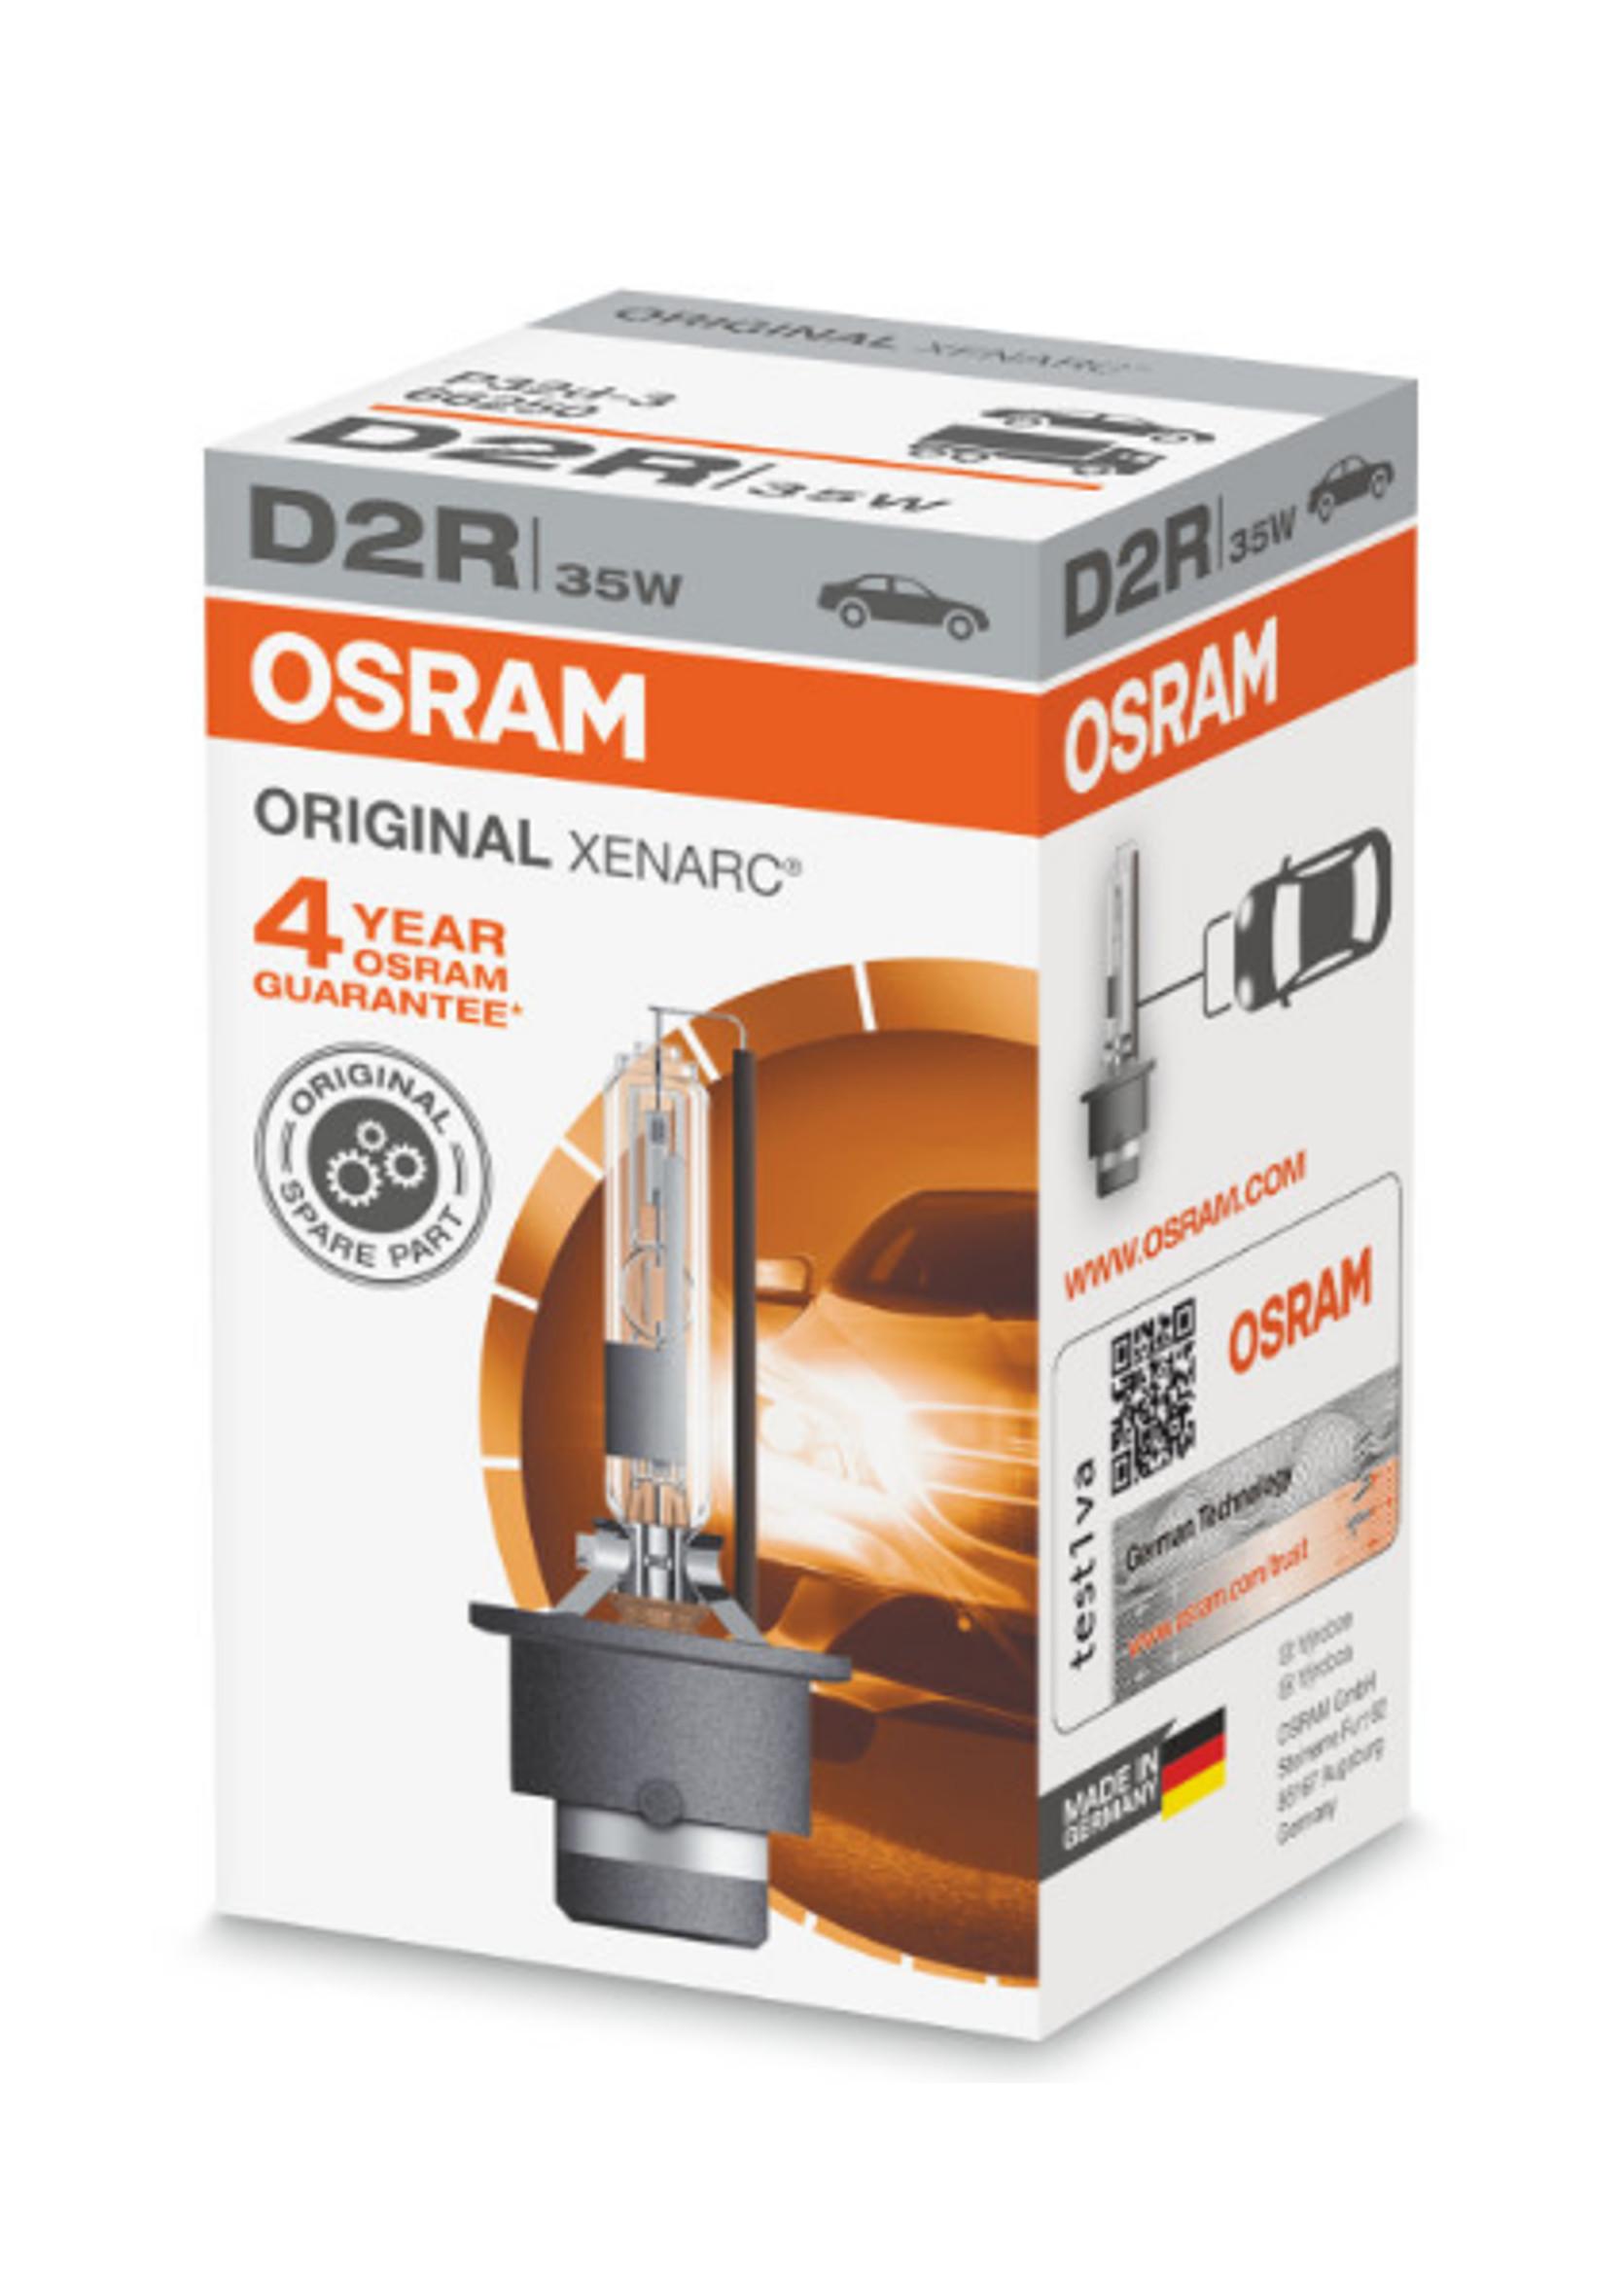 Osram Xenarc Original D2R 85V 35W 1szt Ksenon